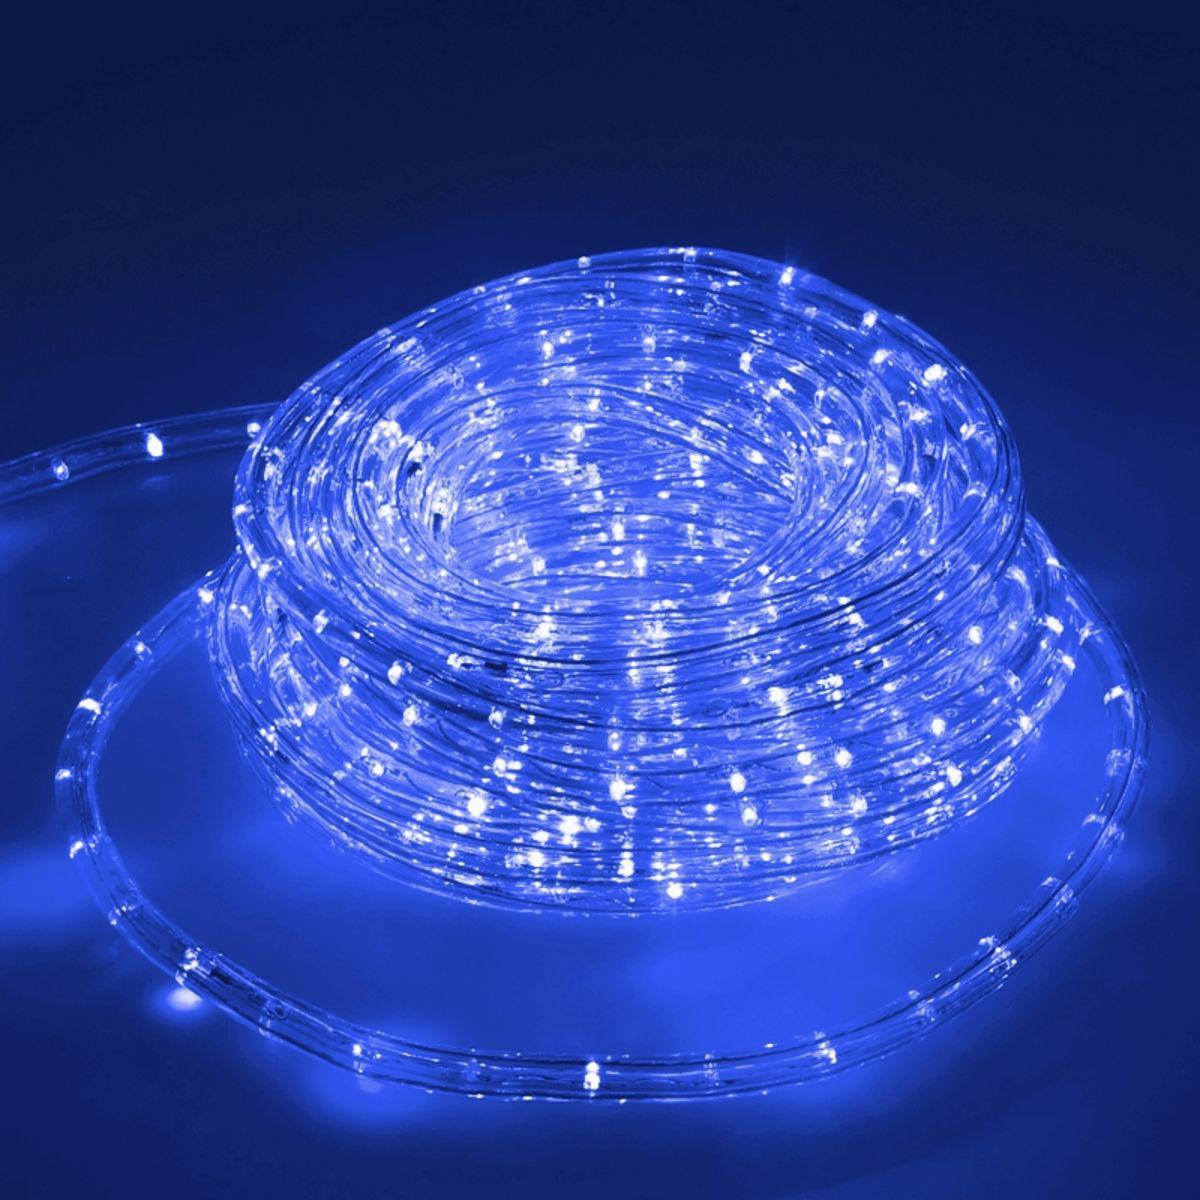 Ecd Germany ECD Germany LED Tube Lumière Guirlande 10m Bleu - 11 W CA 220-240V - Bandes de LED de Noël pour Intérieur /Extérieur - I